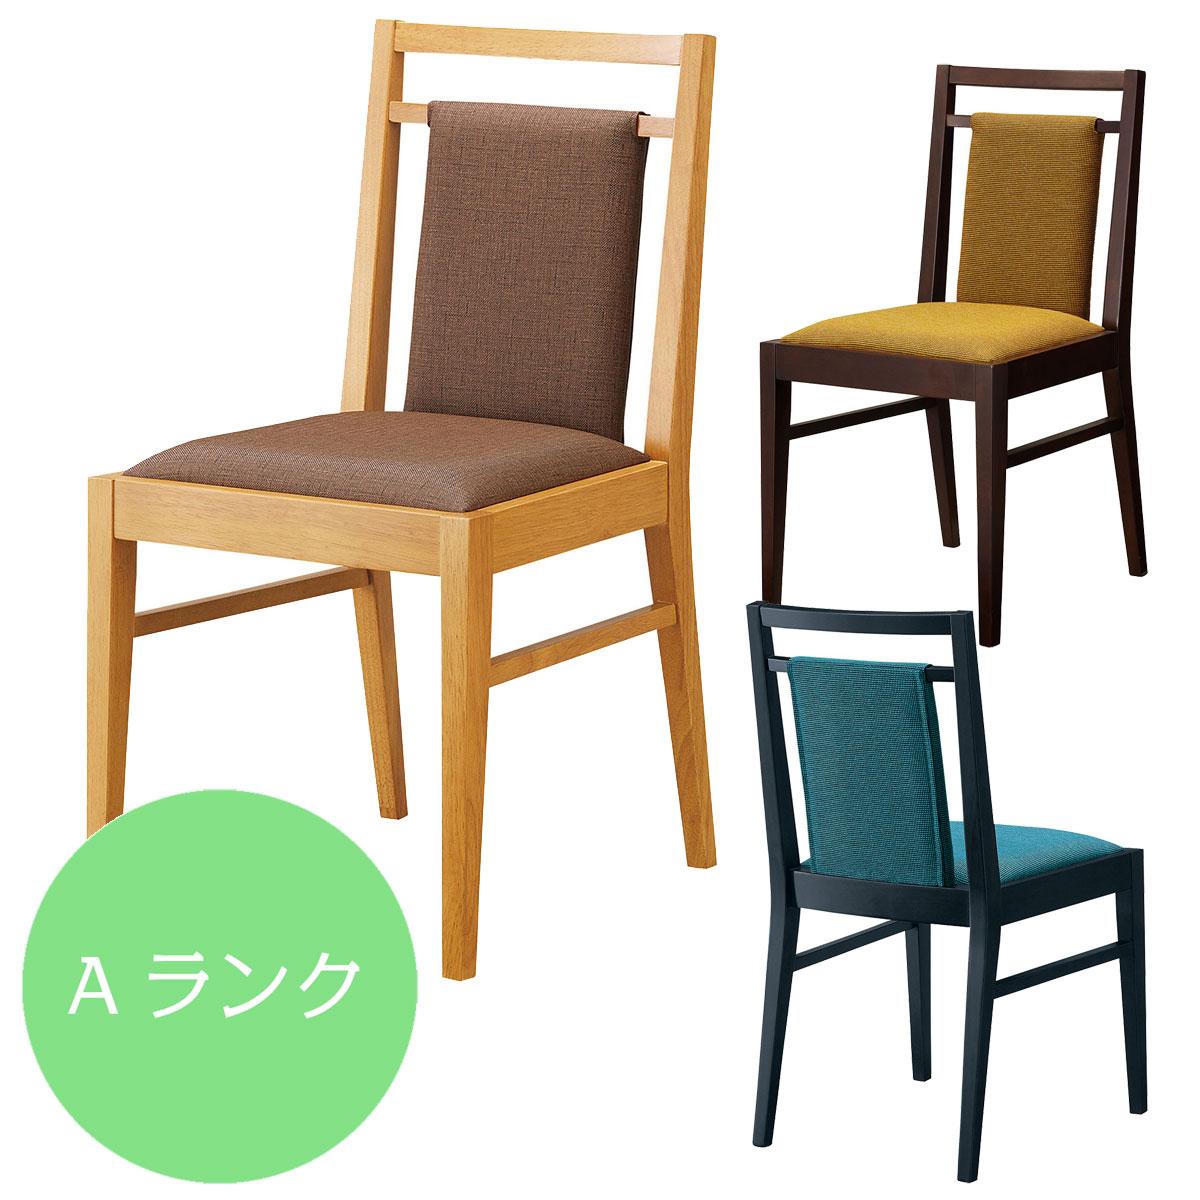 送料無料 業務用 ダイニングチェア 椅子 いす オーダー 飲食店 チェア 完成品 予約 ホテル Aランク 新登場 カルースト2型 代引き不可 CALOUSTE2